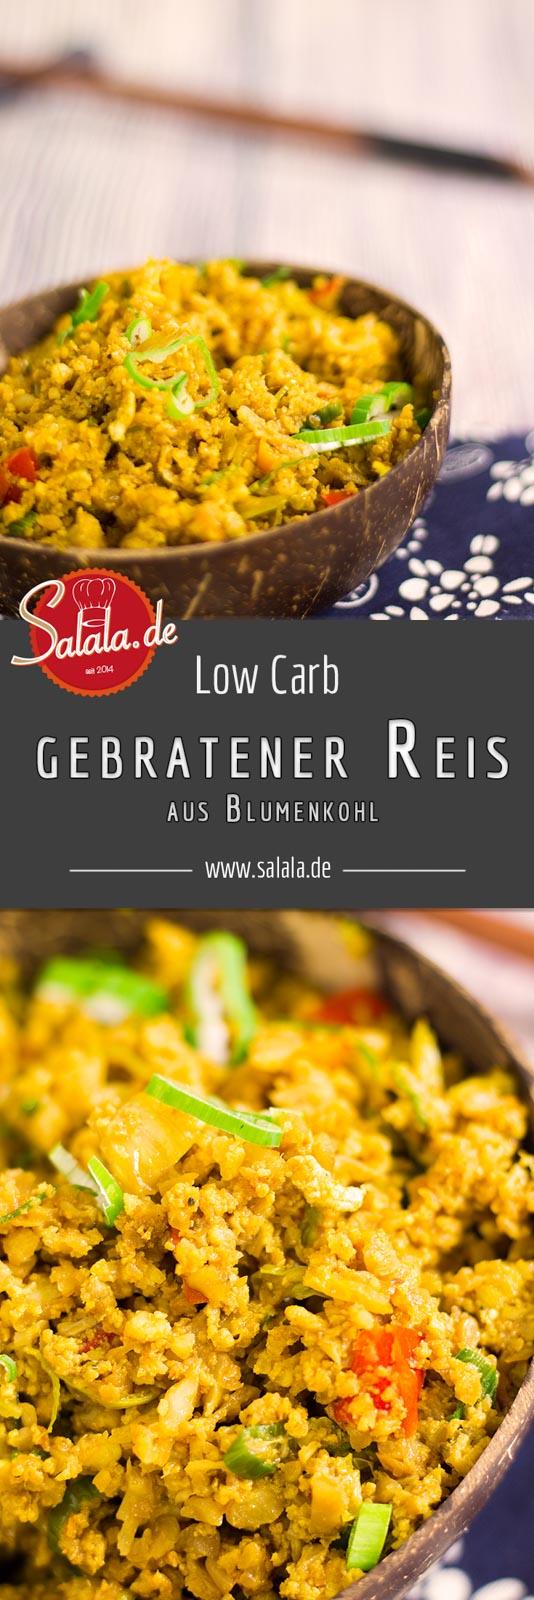 Gebratener BlumenkohlReis - by salala.de - Huhn Gemüse Wok Sojasauce low carb ketogen chinesisch asiatisch Rezept Low Carb kochen mit salala.de